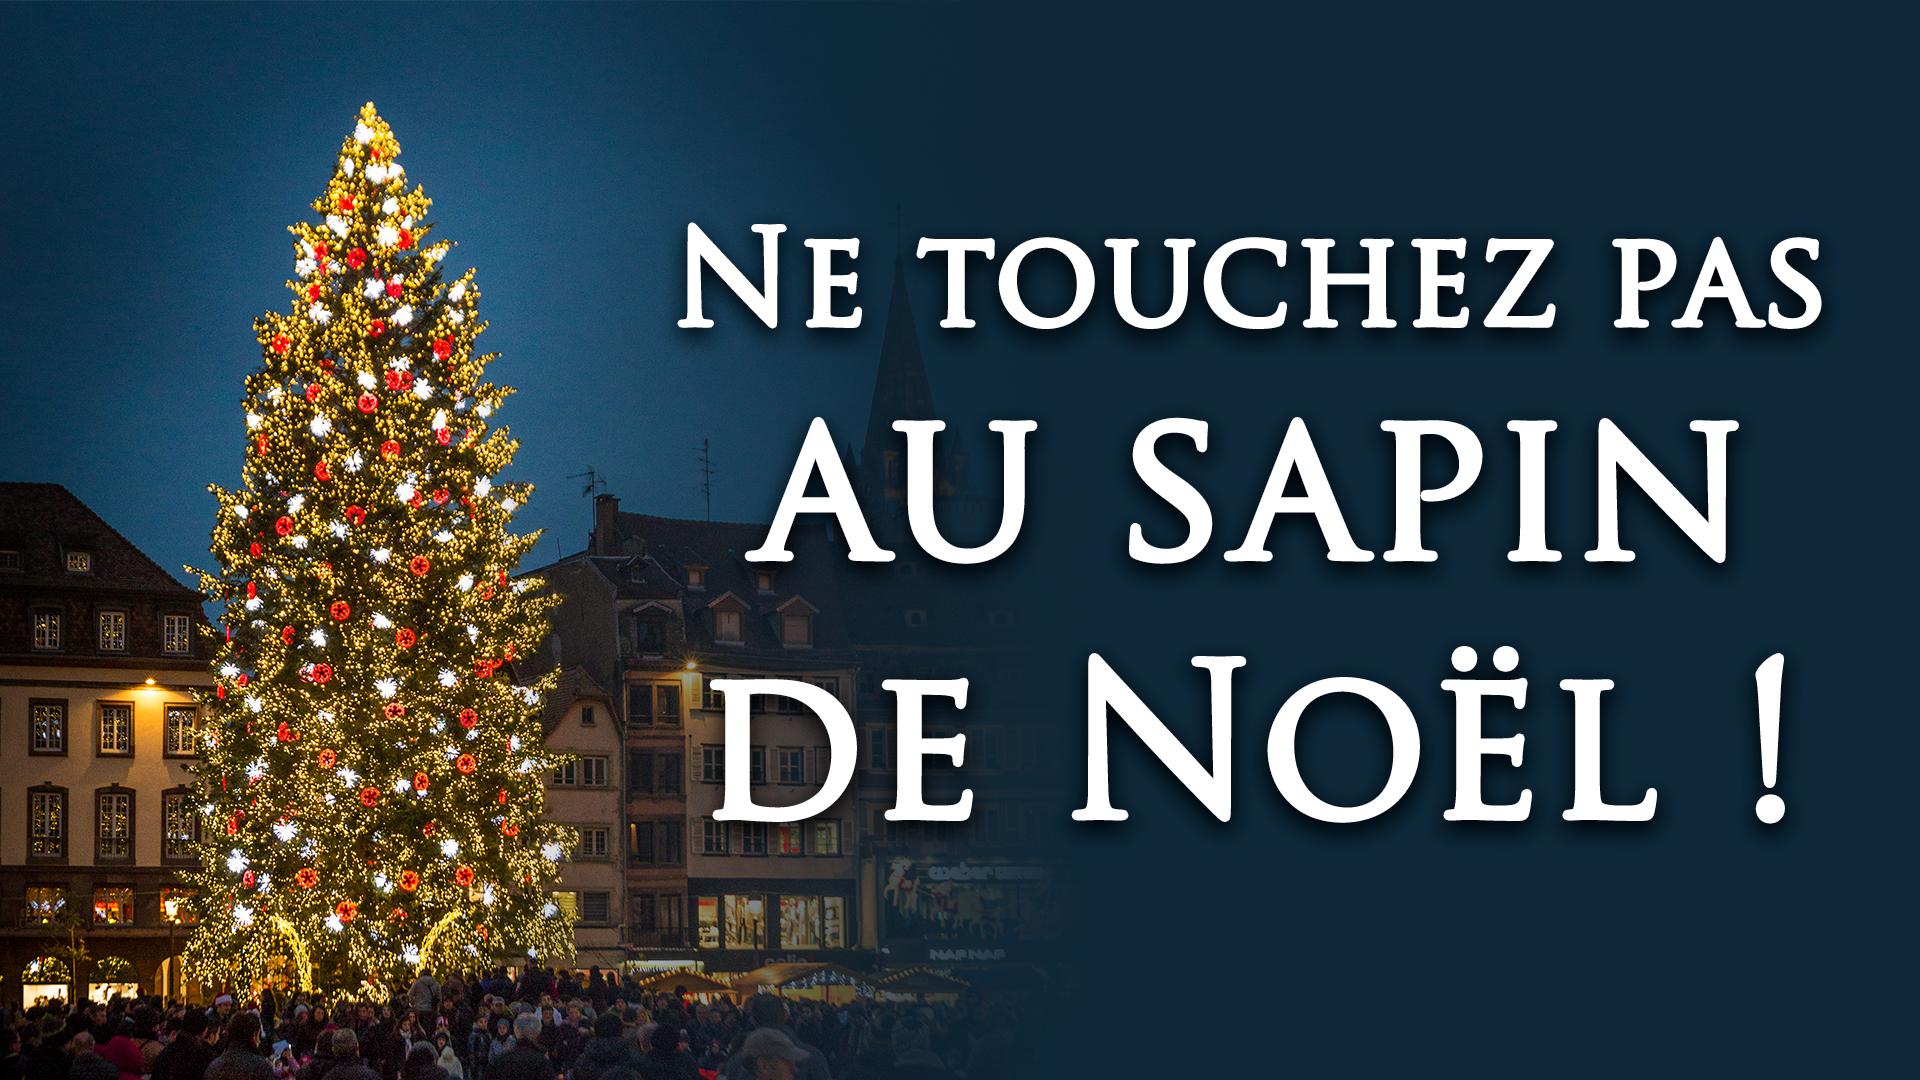 Ne touchez pas au sapin de Noel grande - Pétition : Ne touchez pas au sapin de Noël !